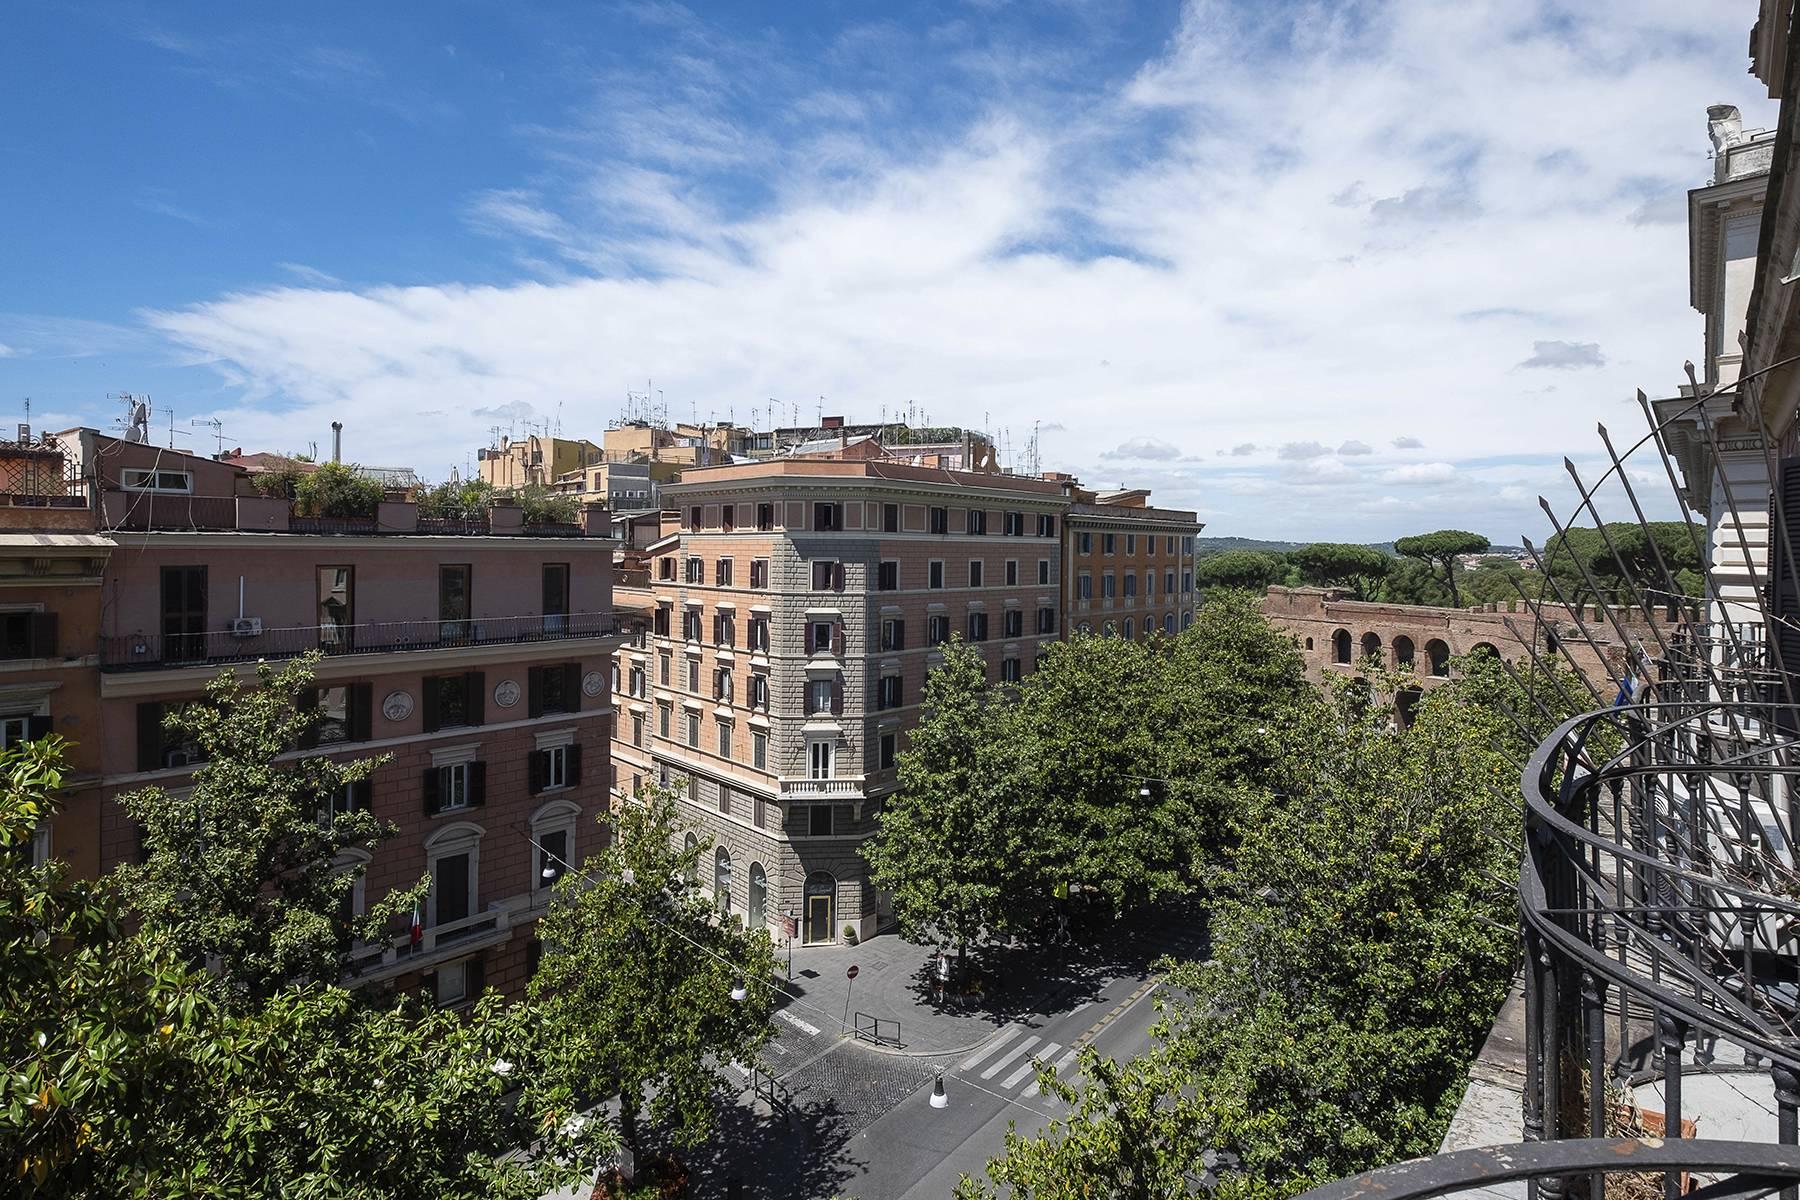 Attico in Vendita a Roma: 5 locali, 268 mq - Foto 23